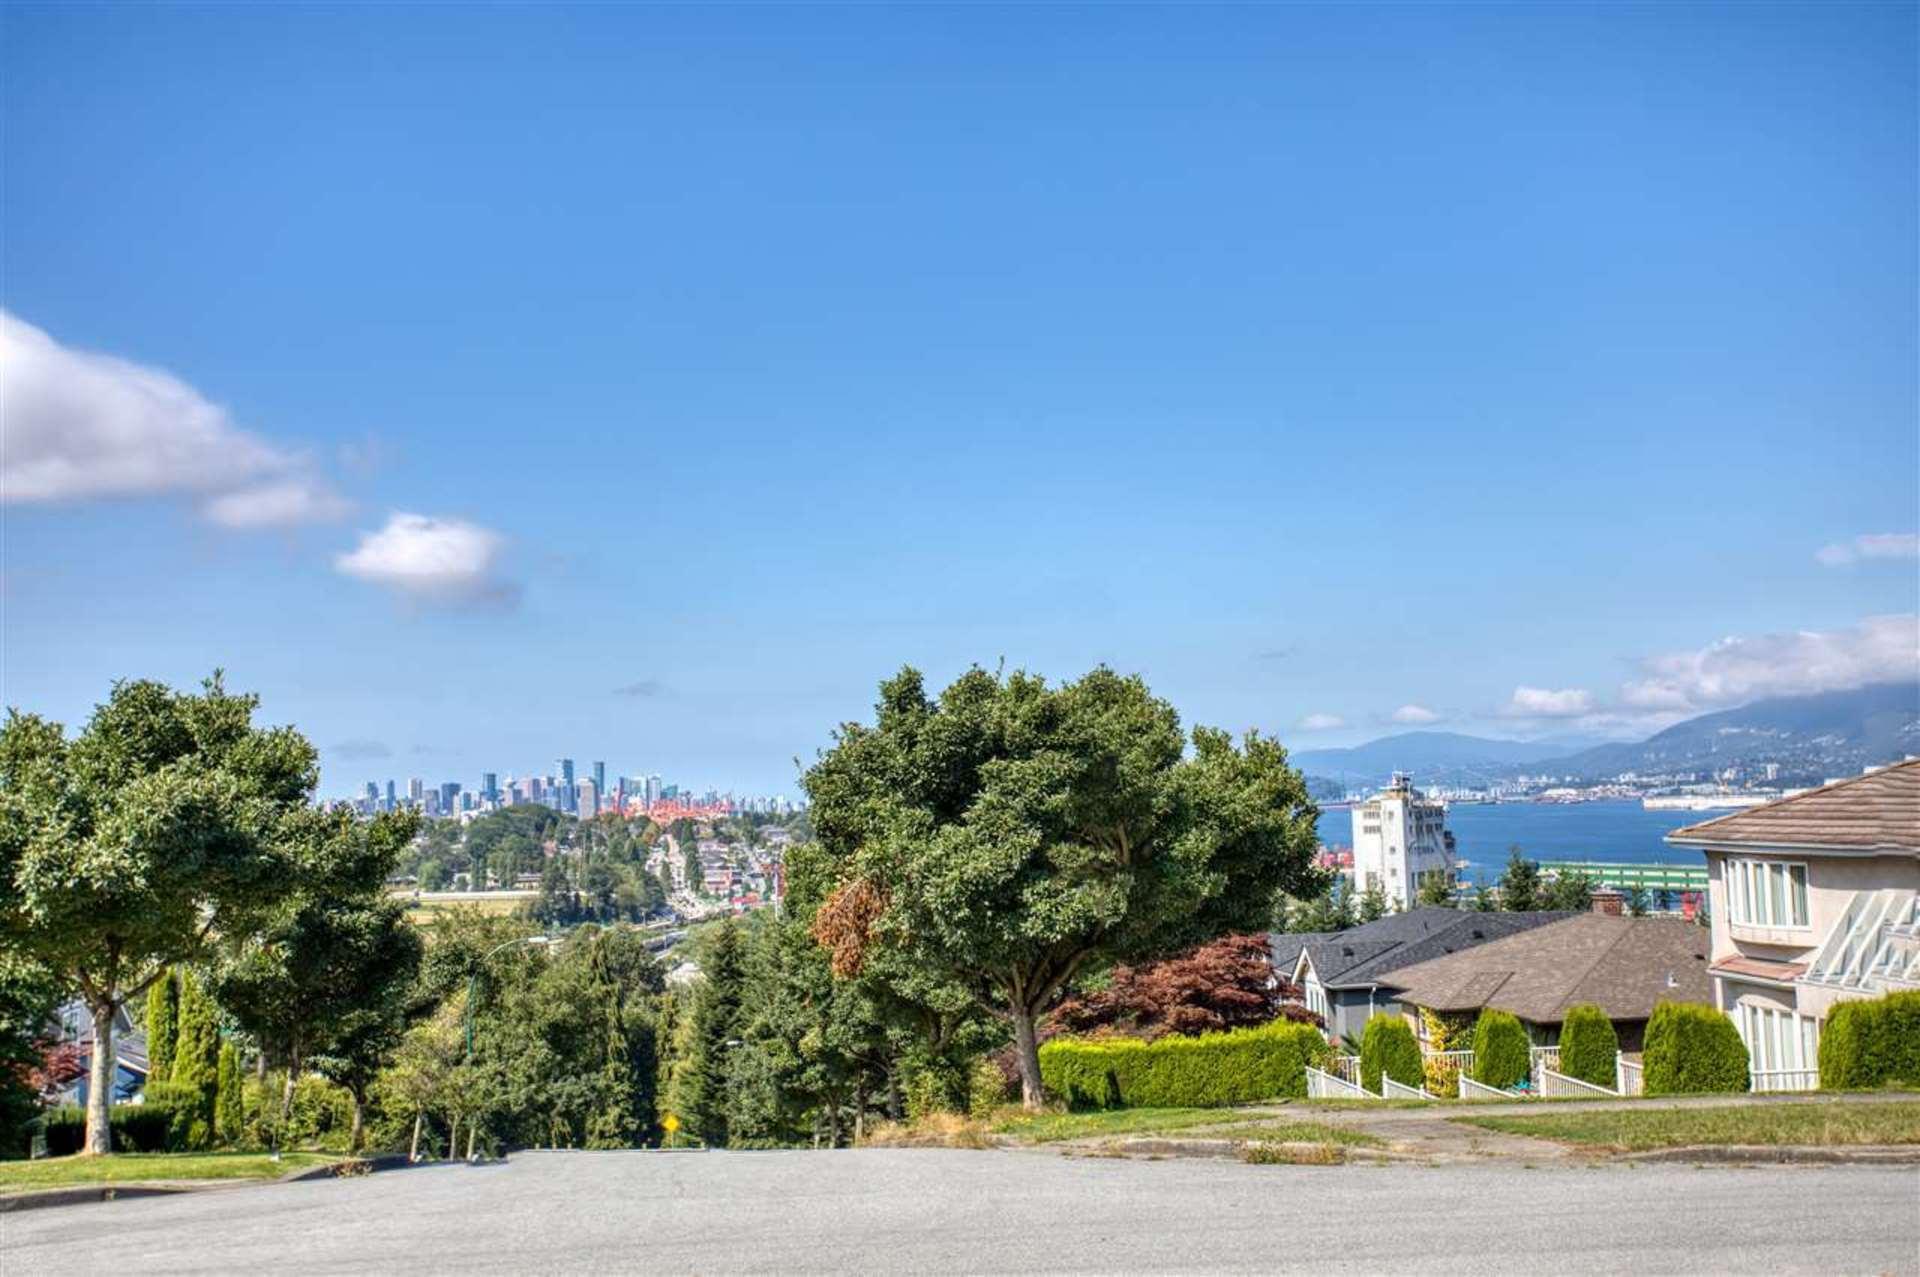 375-n-kootenay-street-hastings-vancouver-east-07 at 375 N Kootenay Street, Hastings, Vancouver East